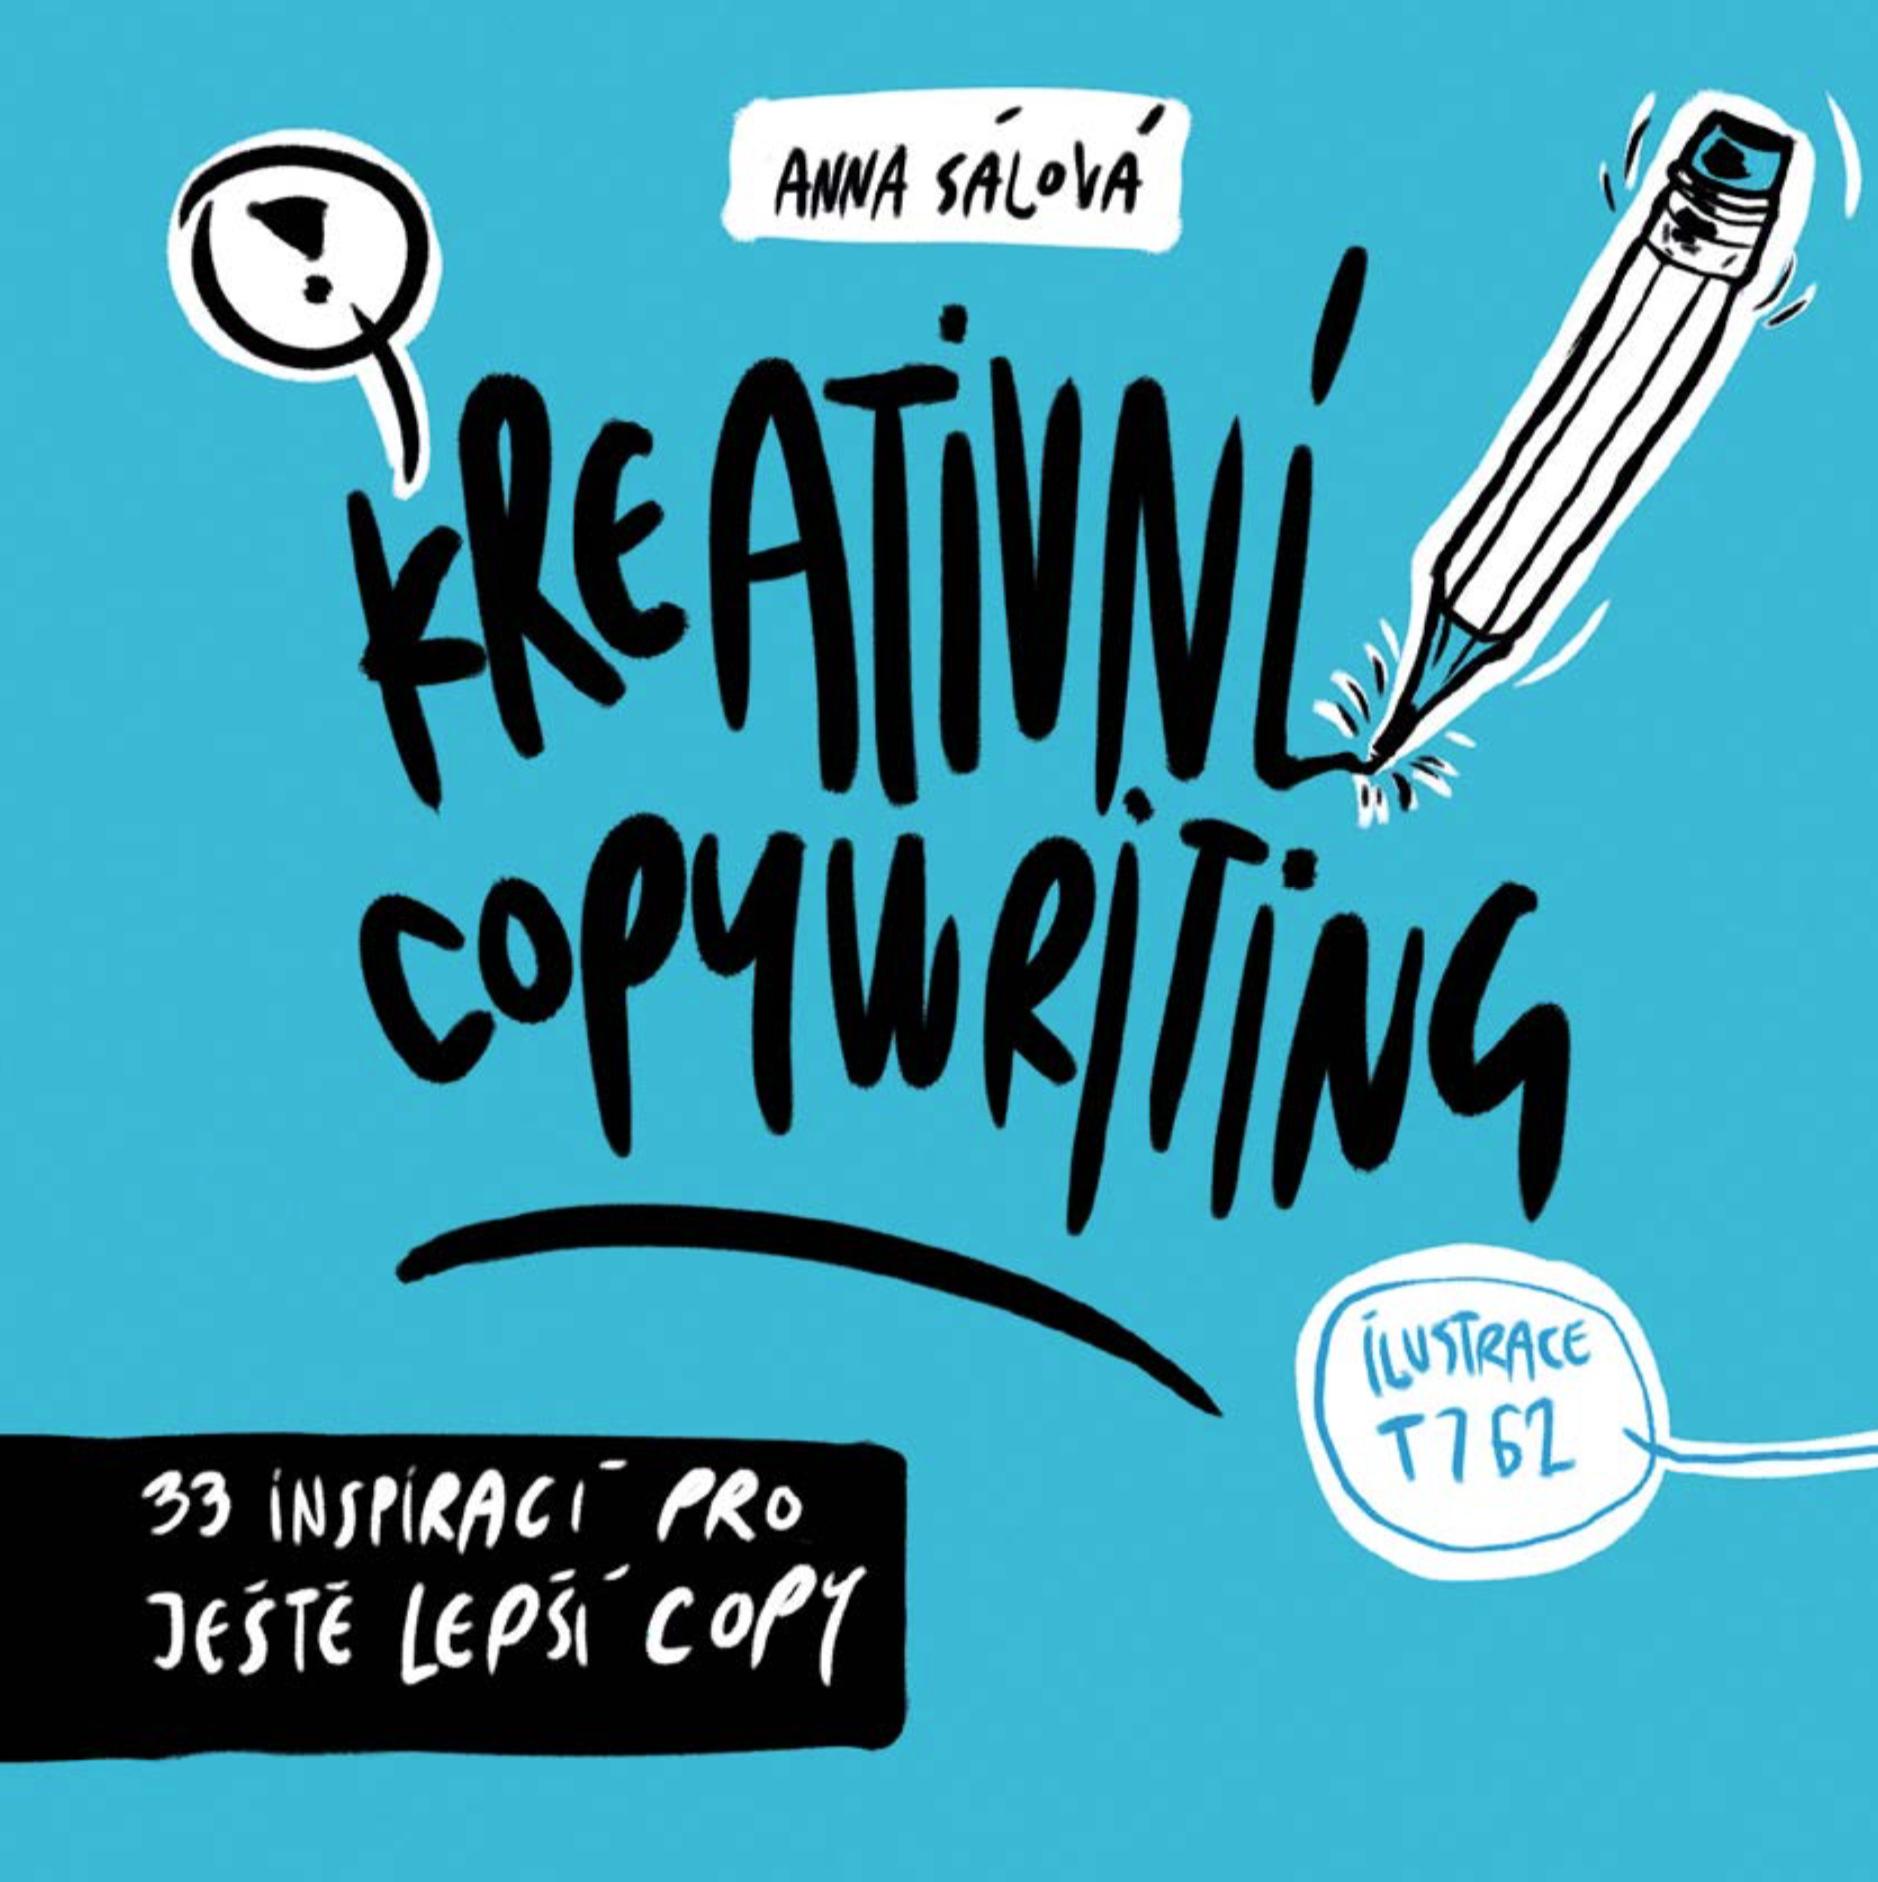 Kreativní copywriting - Anna Sálová